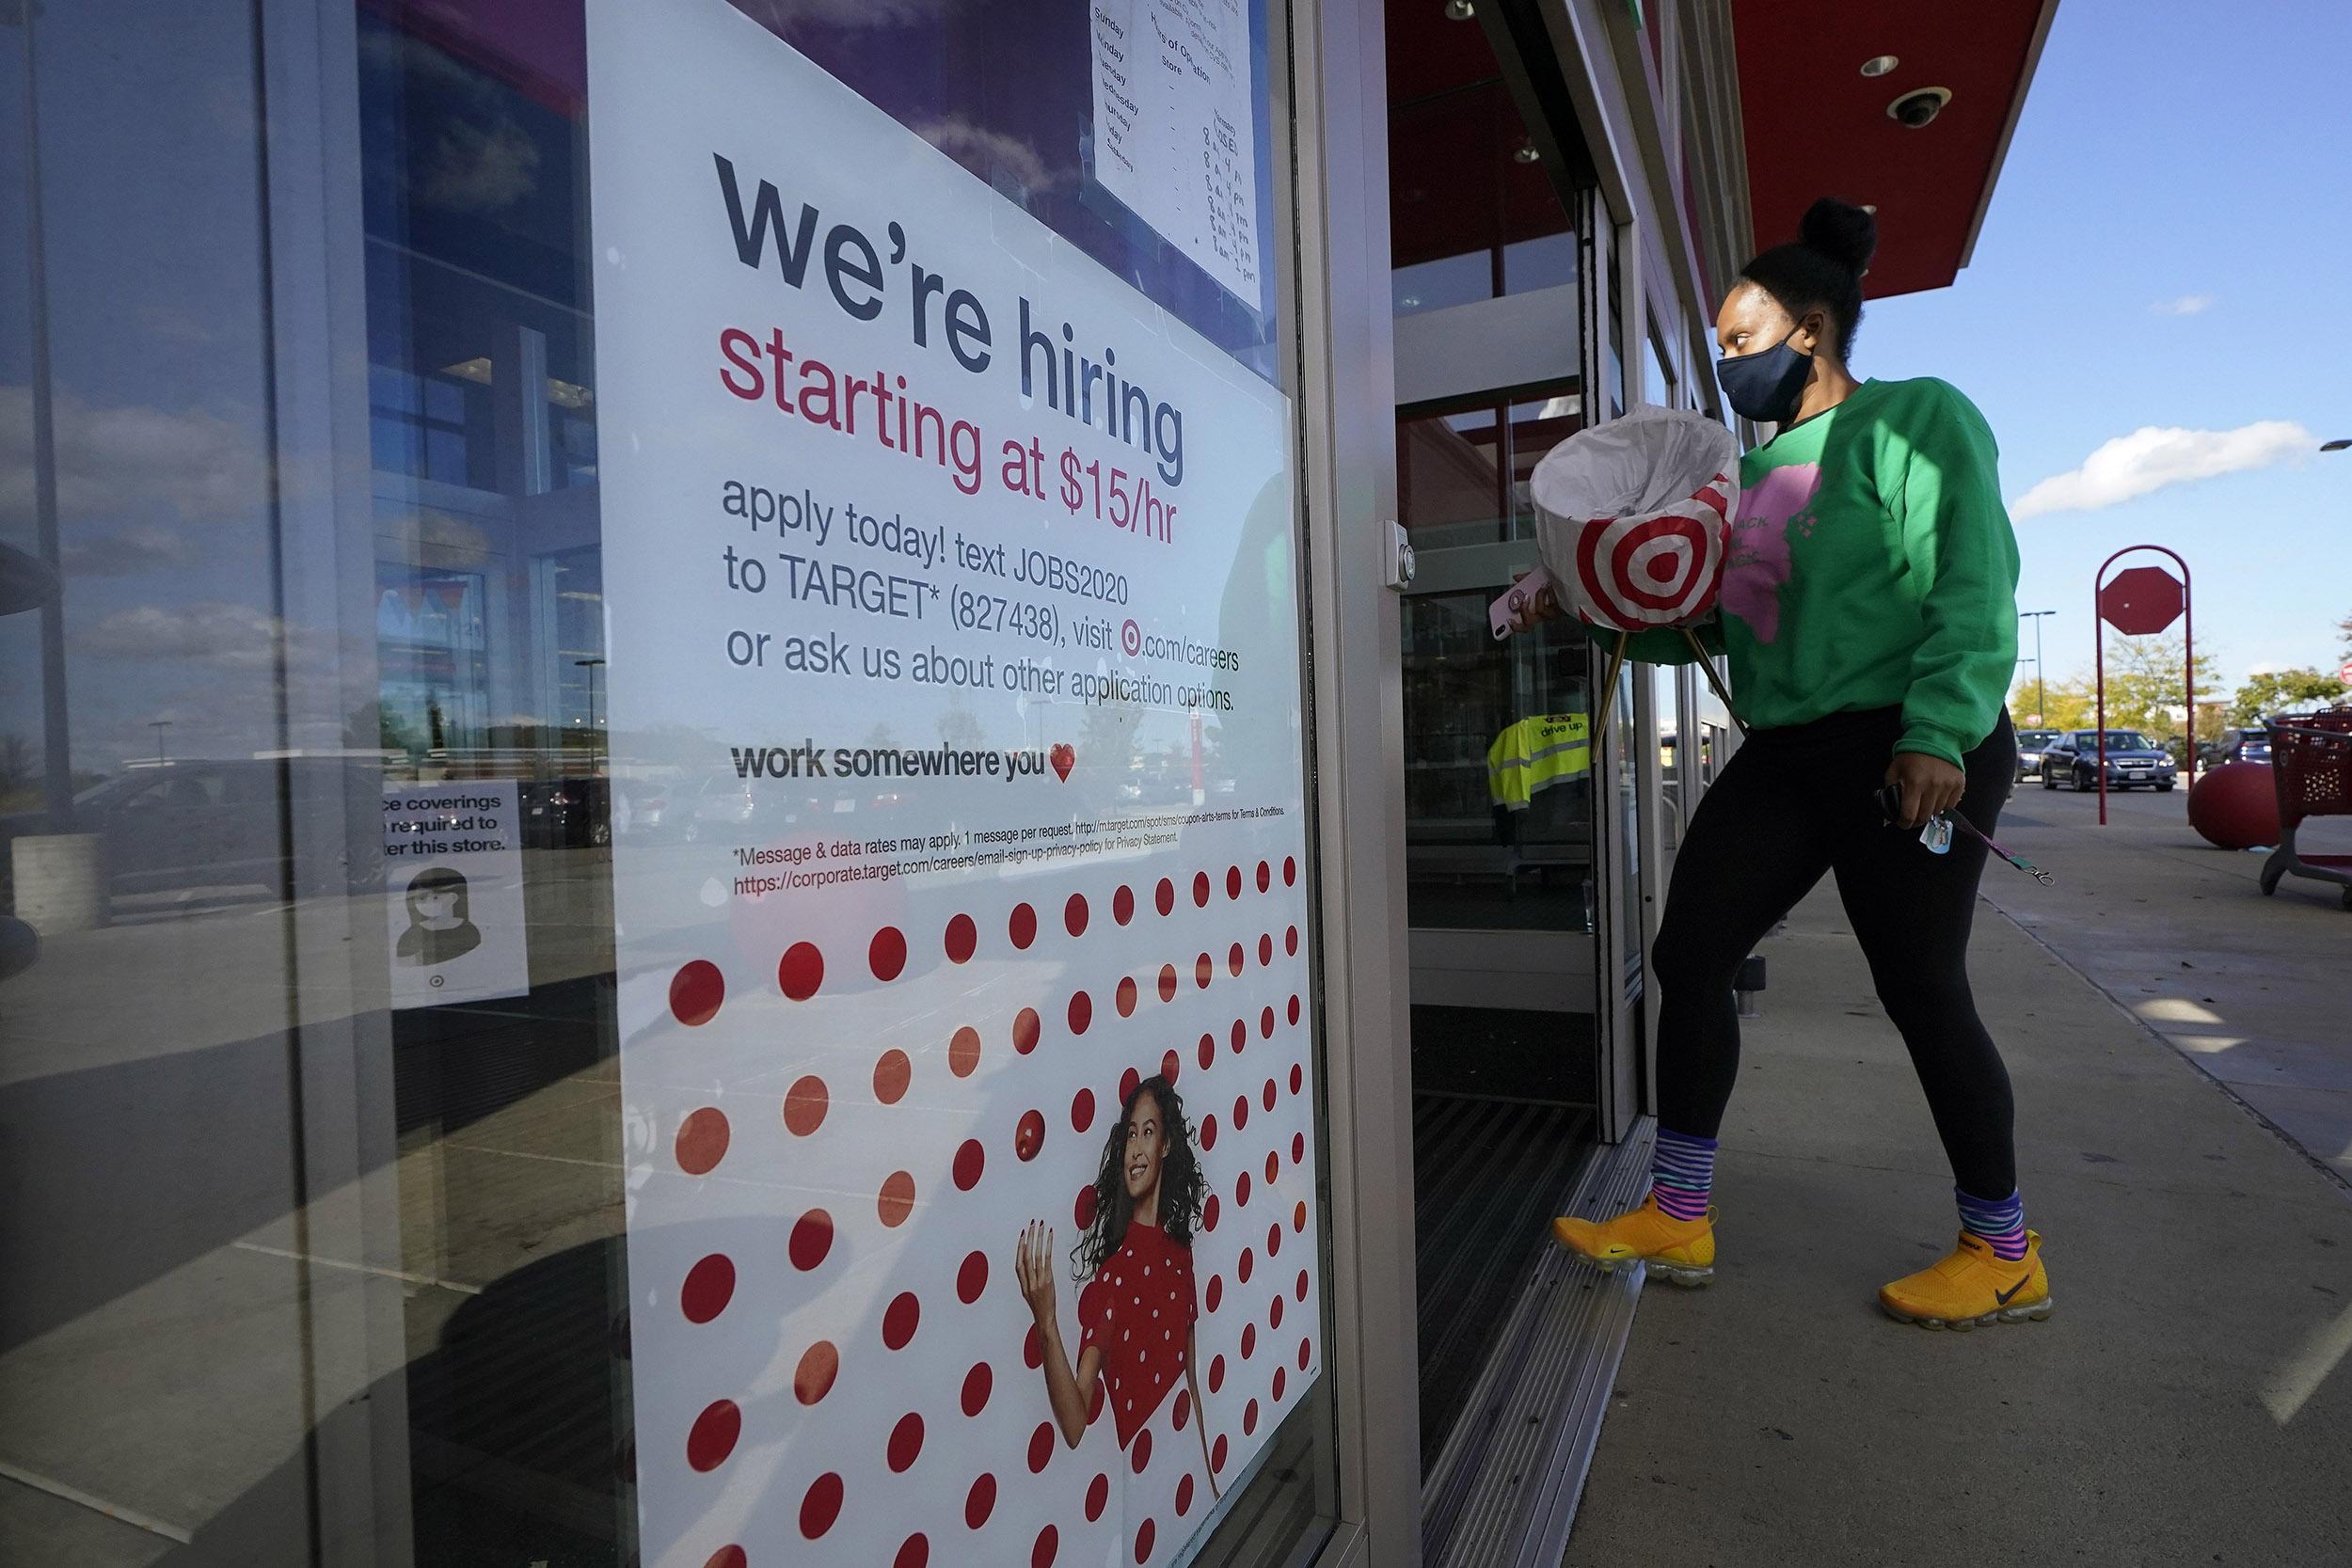 美国上周首次申请失业救济人数达84万人,环比减少9,000人